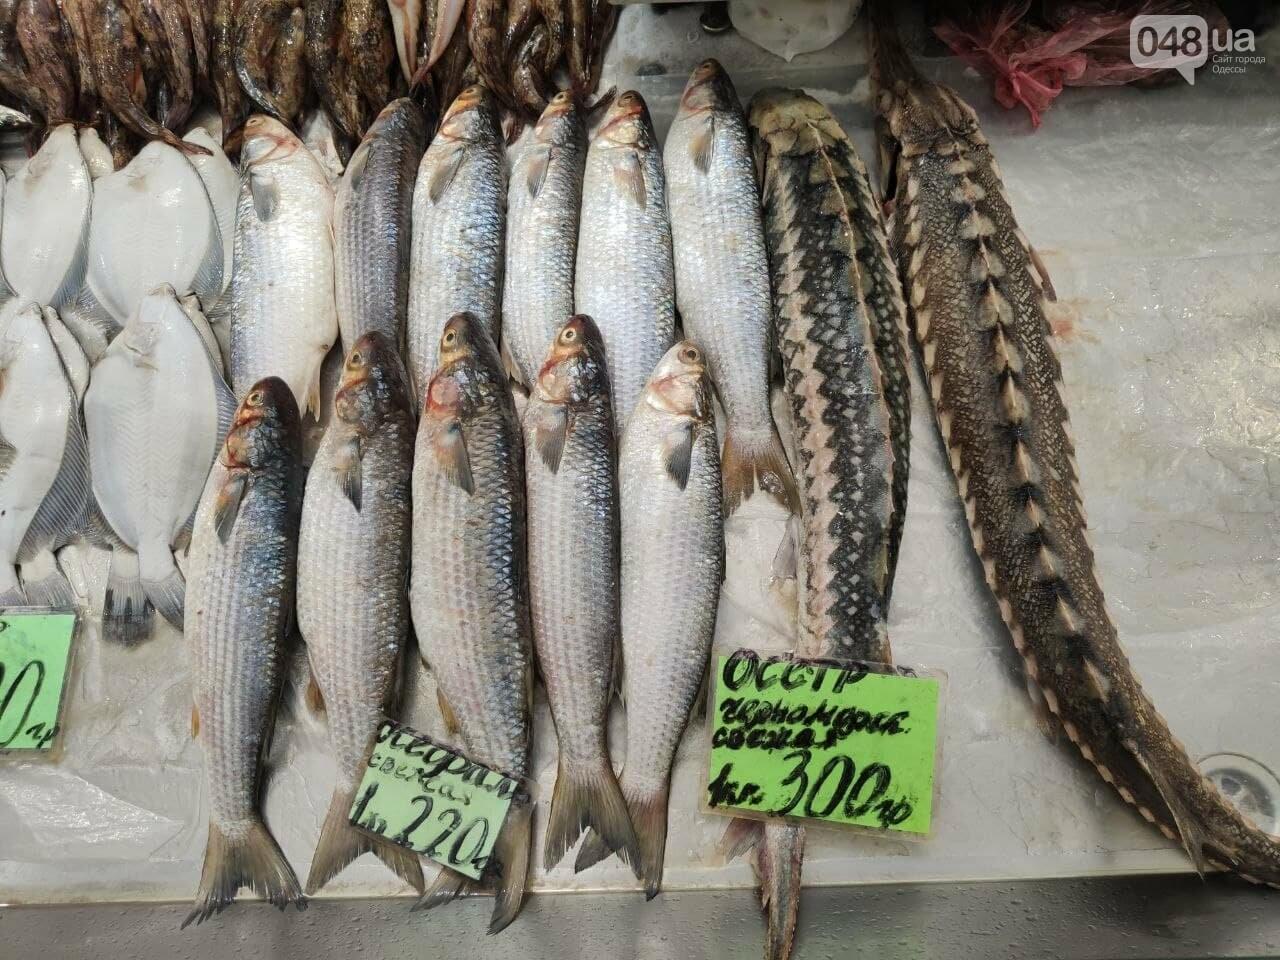 Рапаны, ставрида и кефаль: рыбный четверг на одесском Привозе, - ФОТО, фото-2